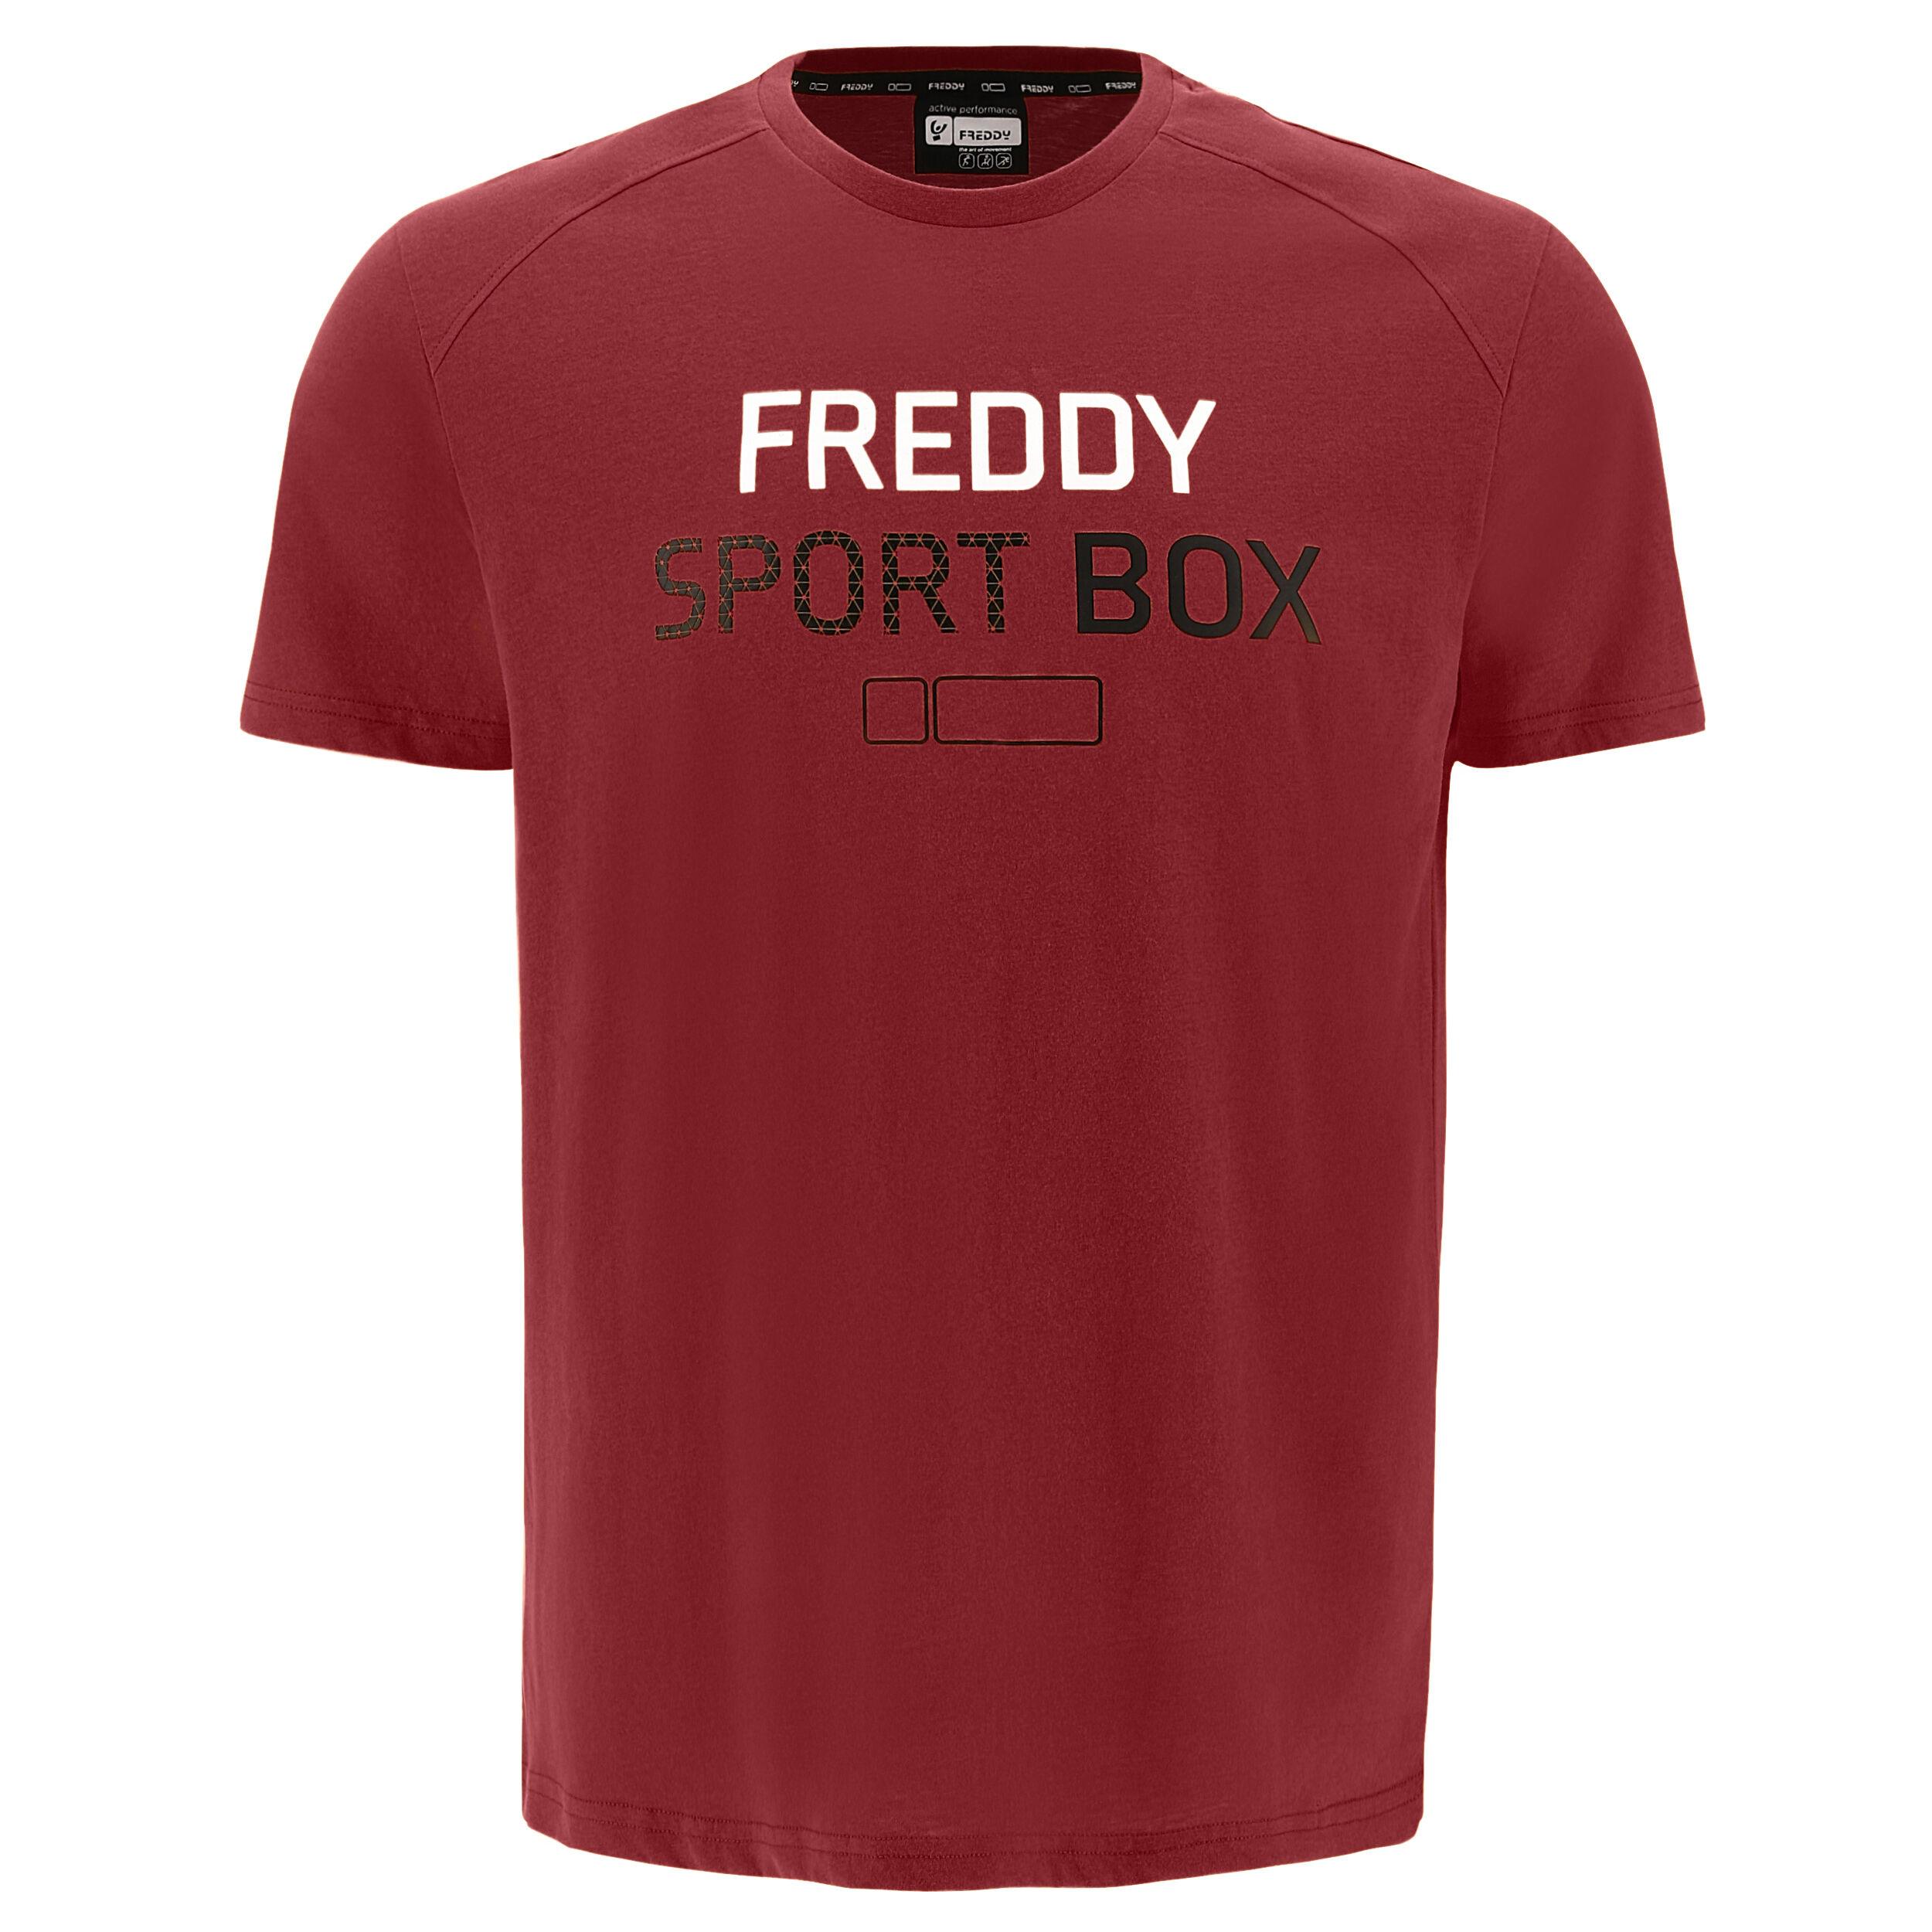 freddy t-shirt con no logo e stampa composita  sport box sun-dried tomato